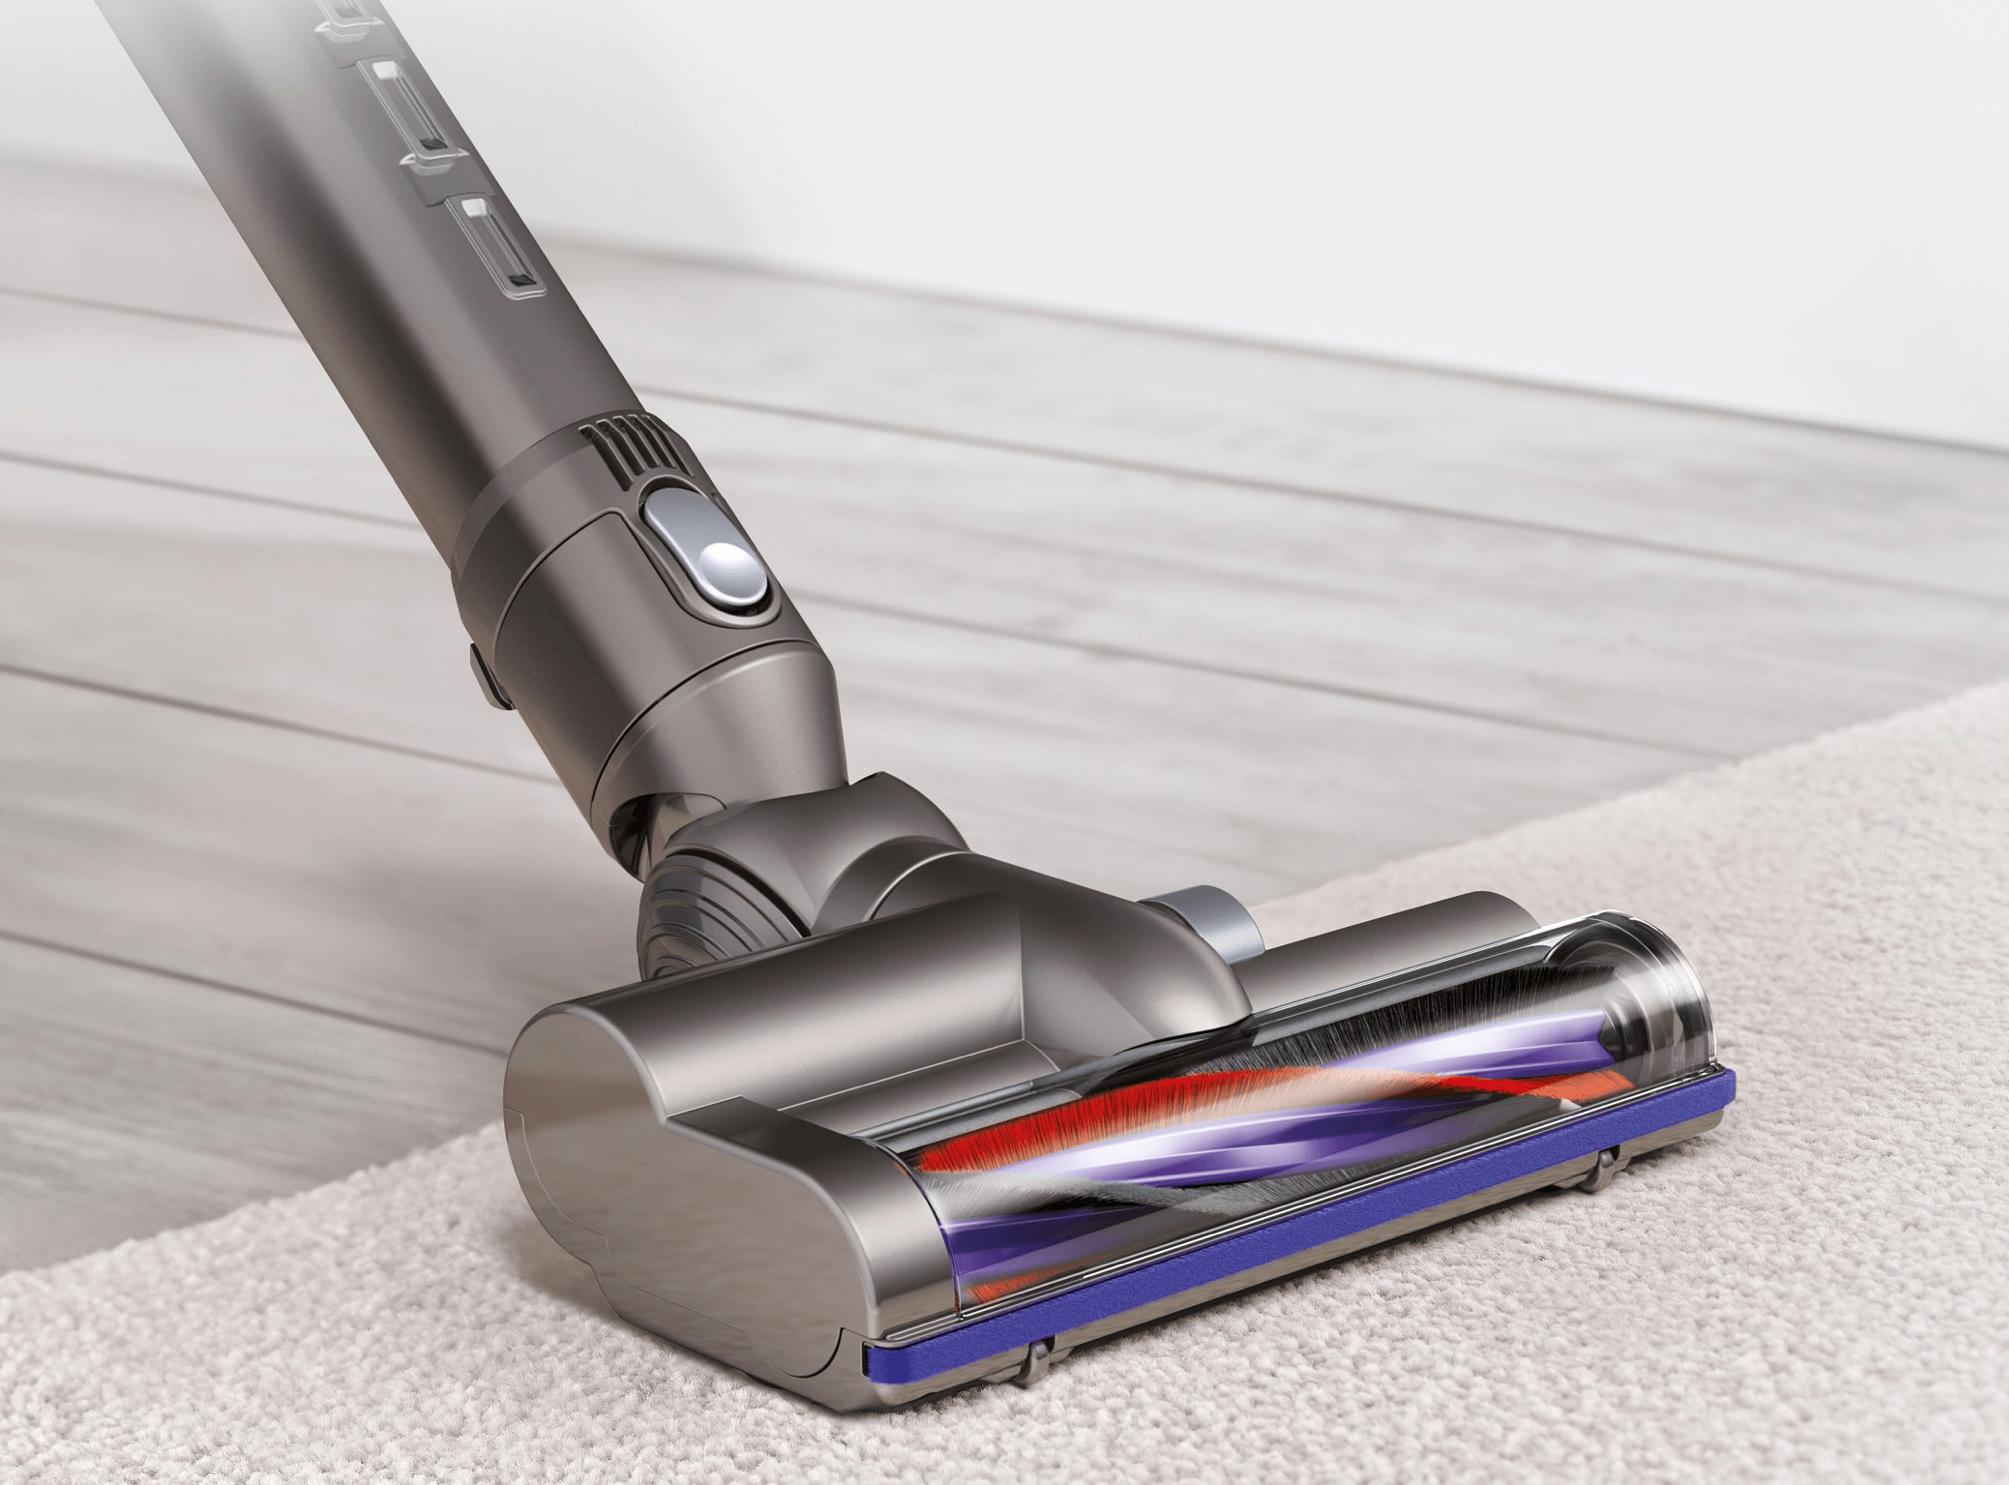 ダイソン キャニスター型掃除機の選び方 2. 付属品で比較し機種を選ぶ